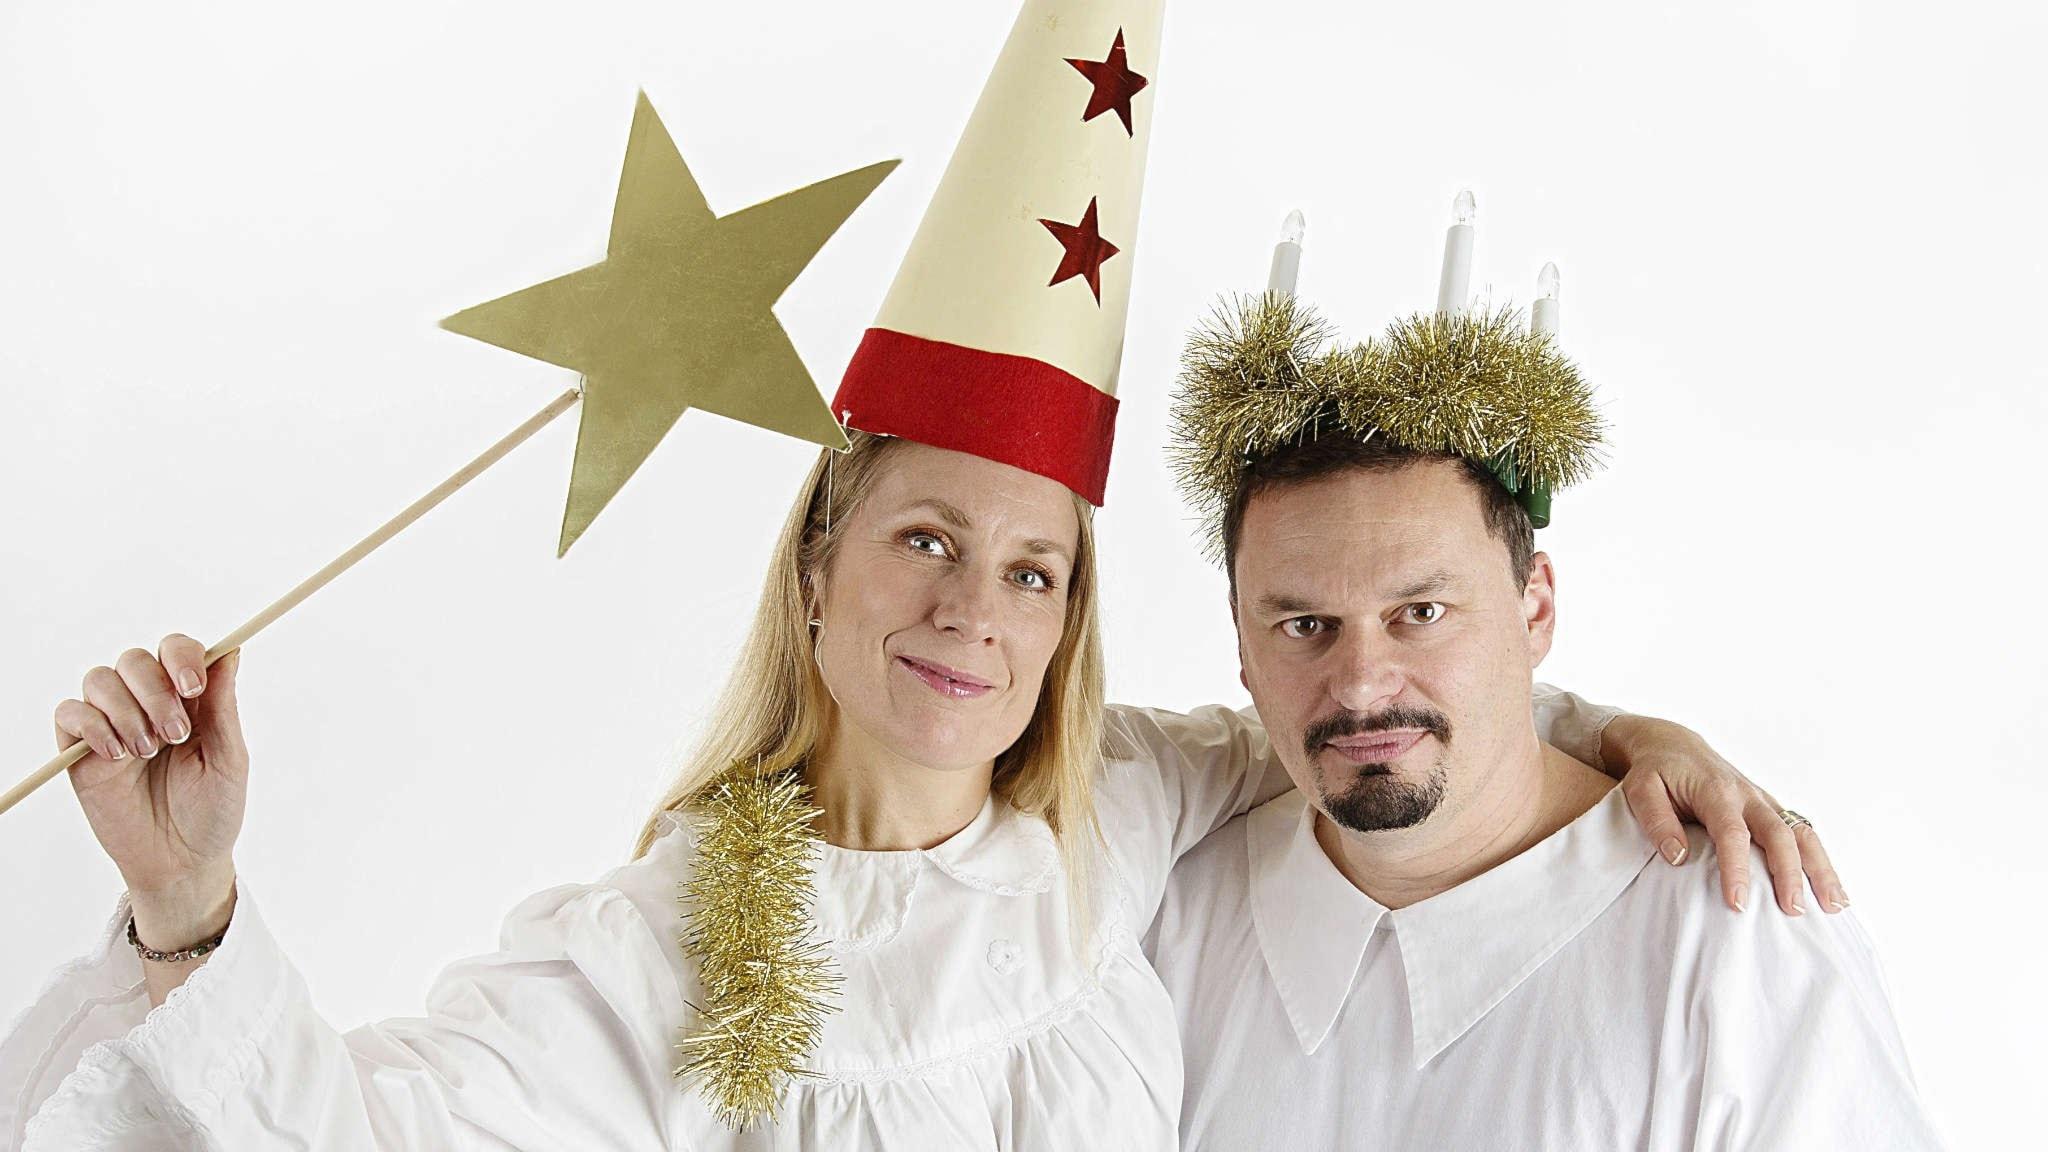 Annika Lantz och Roger Wilson i traditionell Lucia-outfit. Foto: Martina Holmberg/Sveriges radio